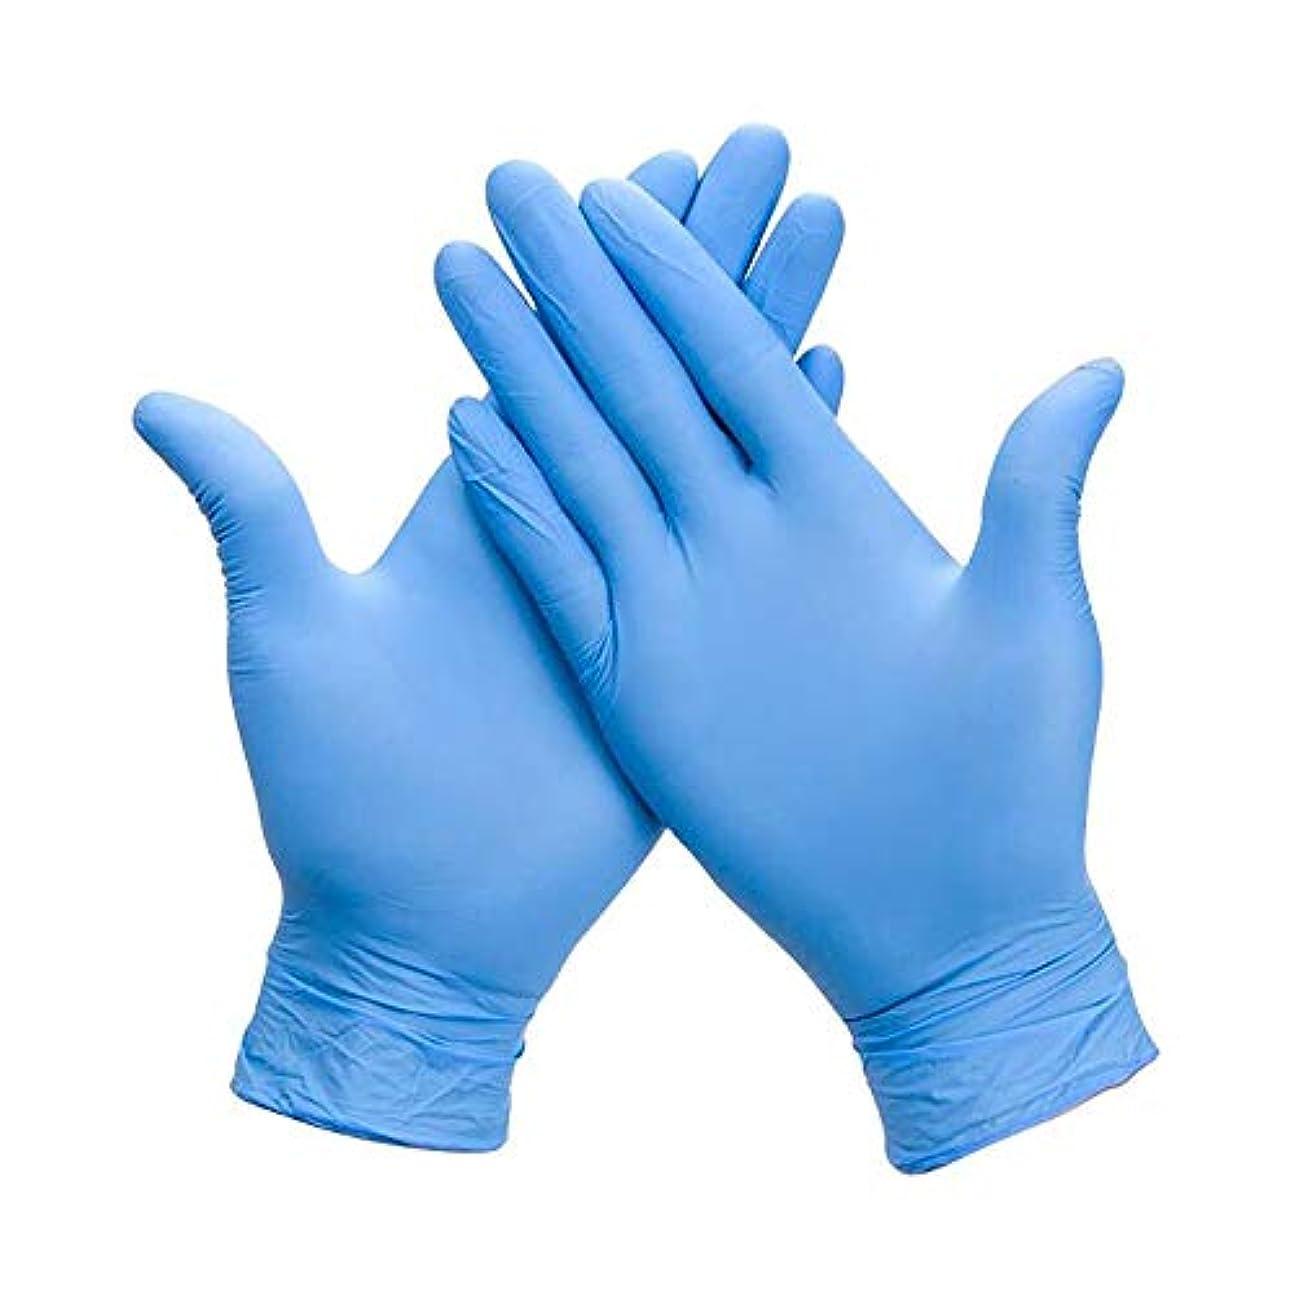 メンタリティ欠かせない厄介なニトリルテスト用手袋、使い捨て医療グレードノンラテックスパウダーフリーのテクスチャ指先食品安全性クリーニングサイズXlブルー(200個)